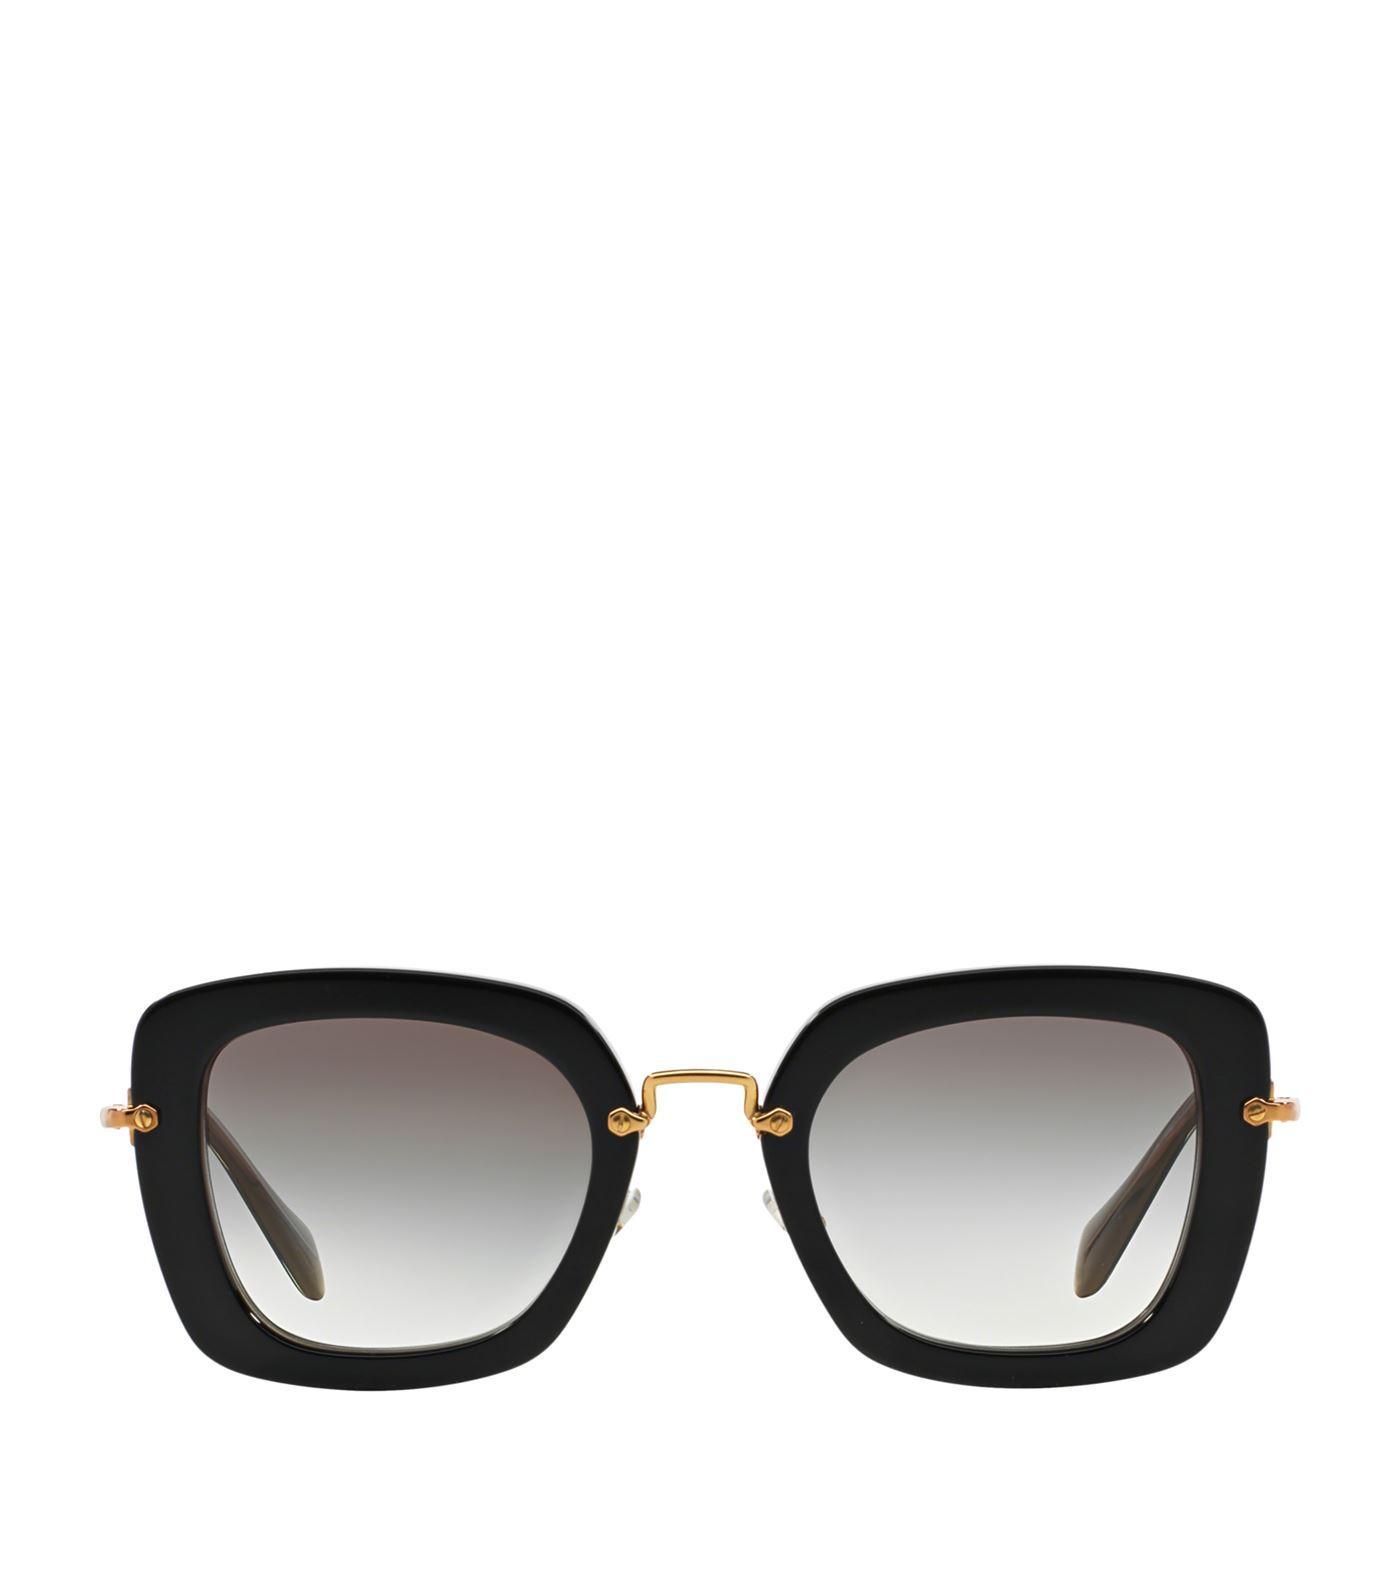 a954615fc29d Miu Miu Noir Square Sunglasses In Black